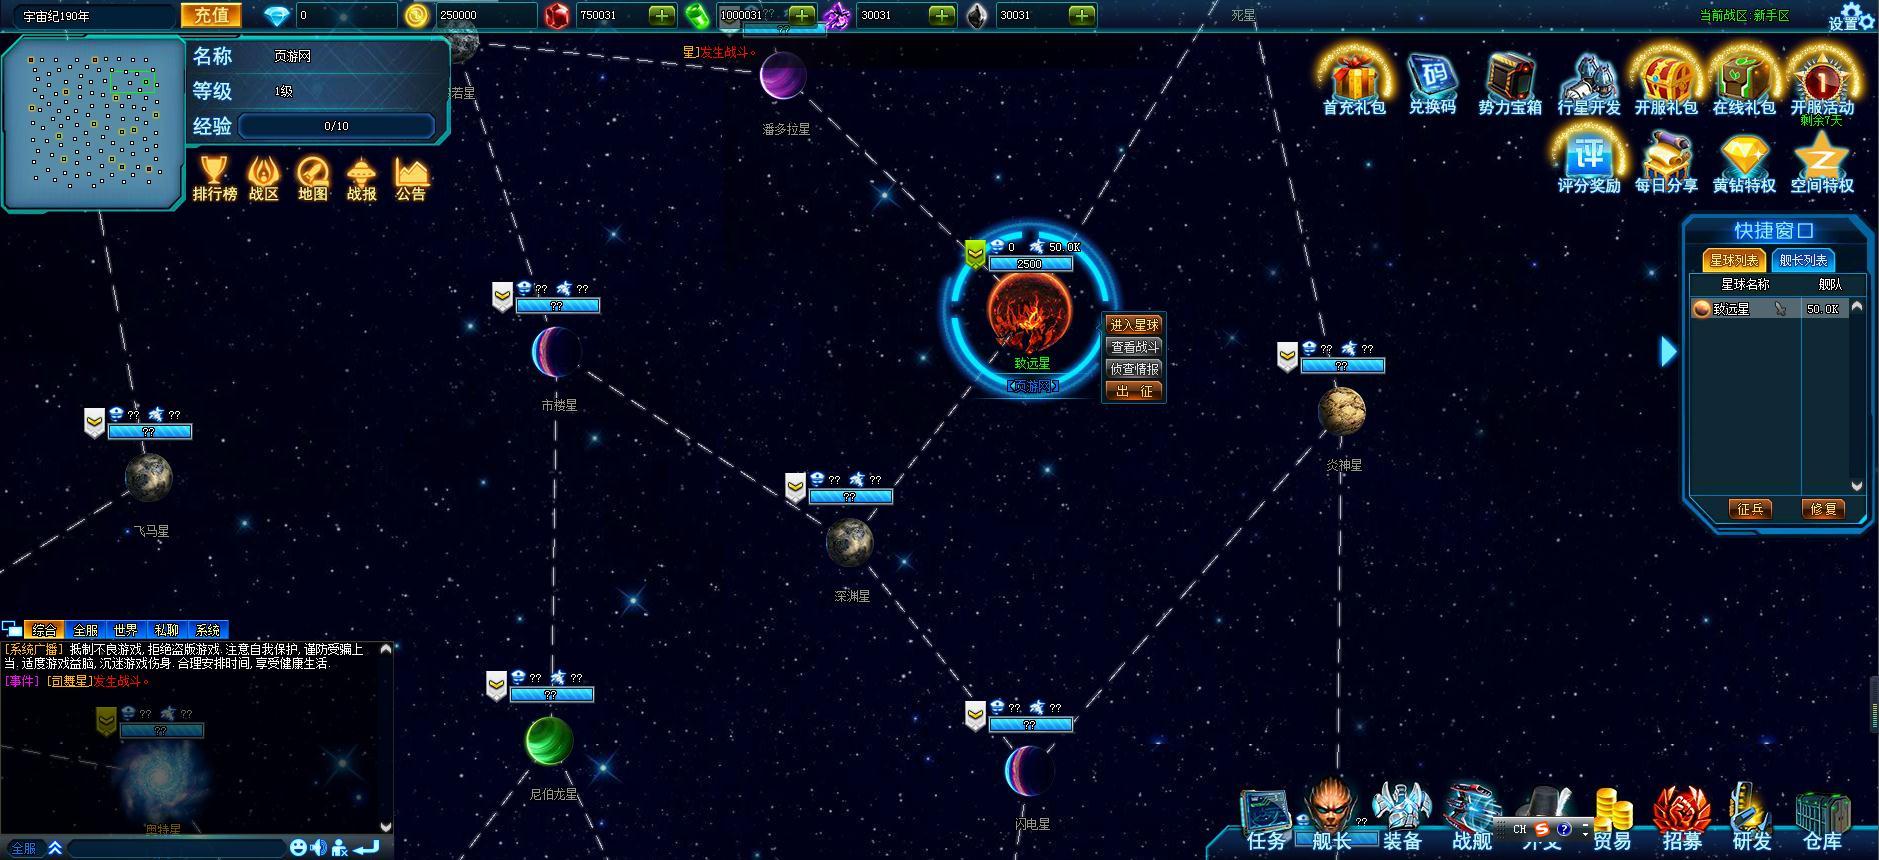 《太空霸业》游戏截图